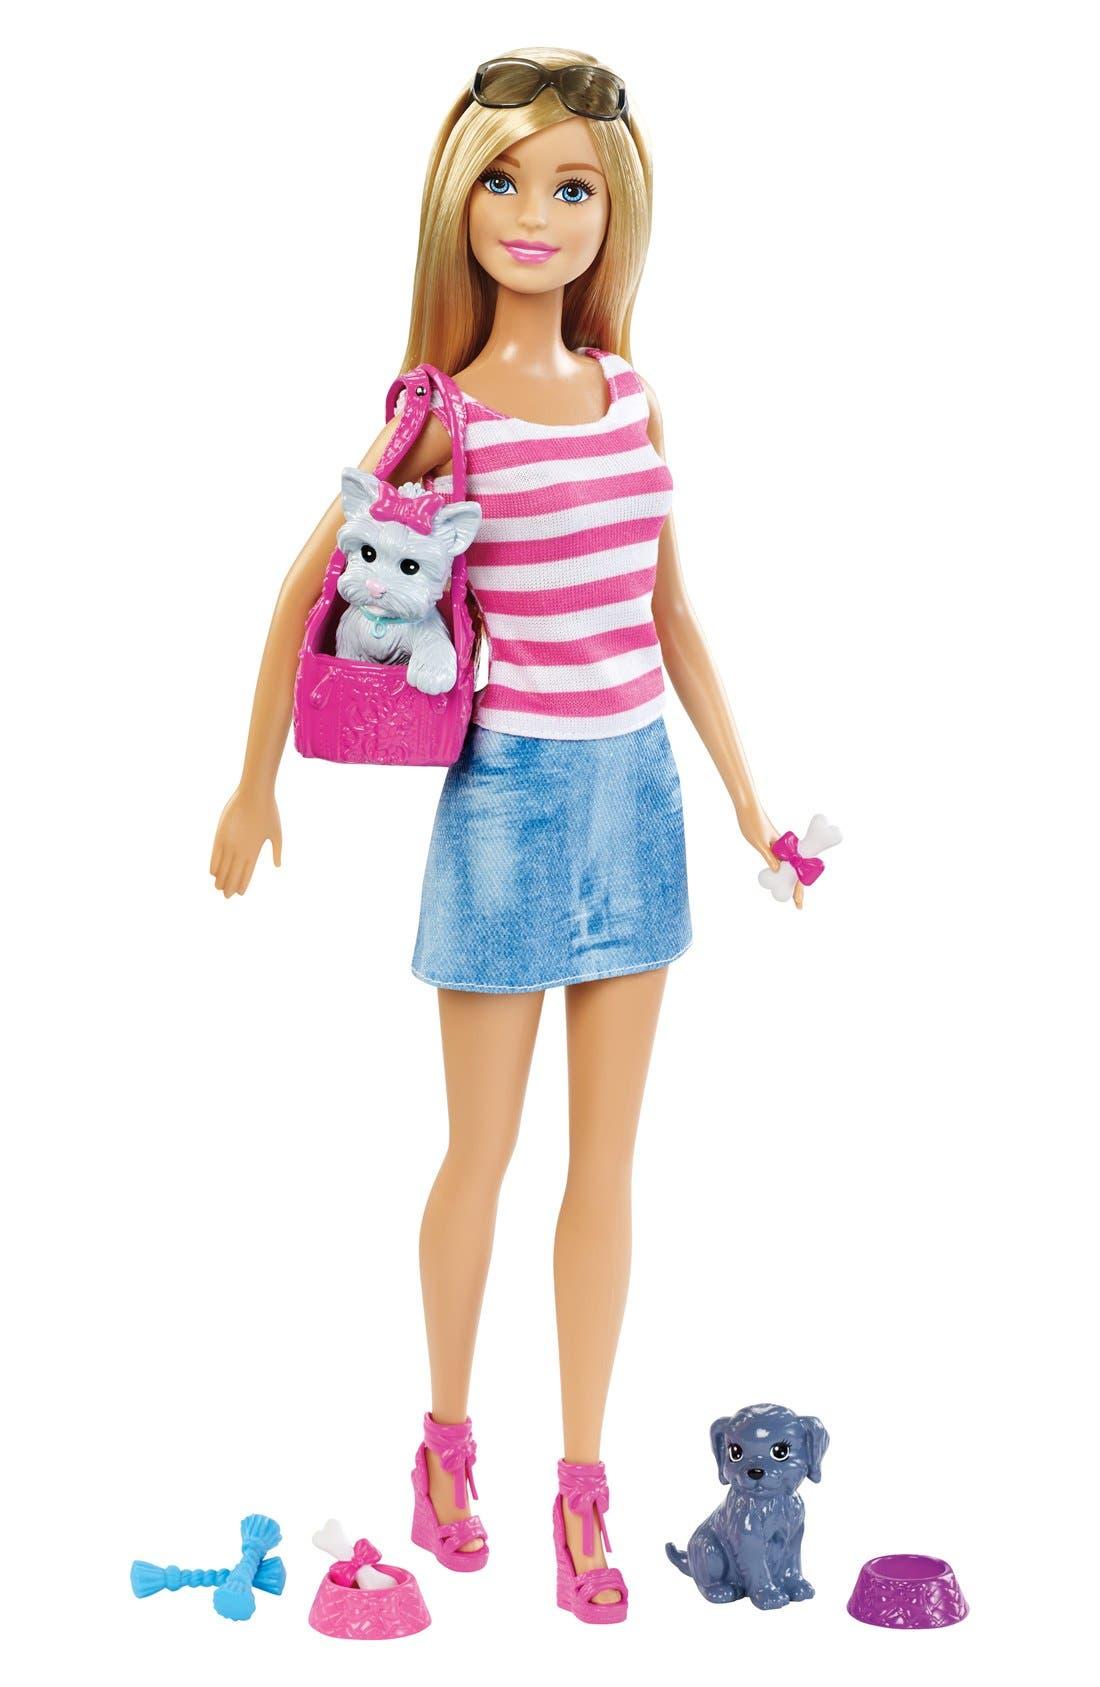 Barbie<sup>®</sup> Doll & Pets Set,                             Main thumbnail 1, color,                             650